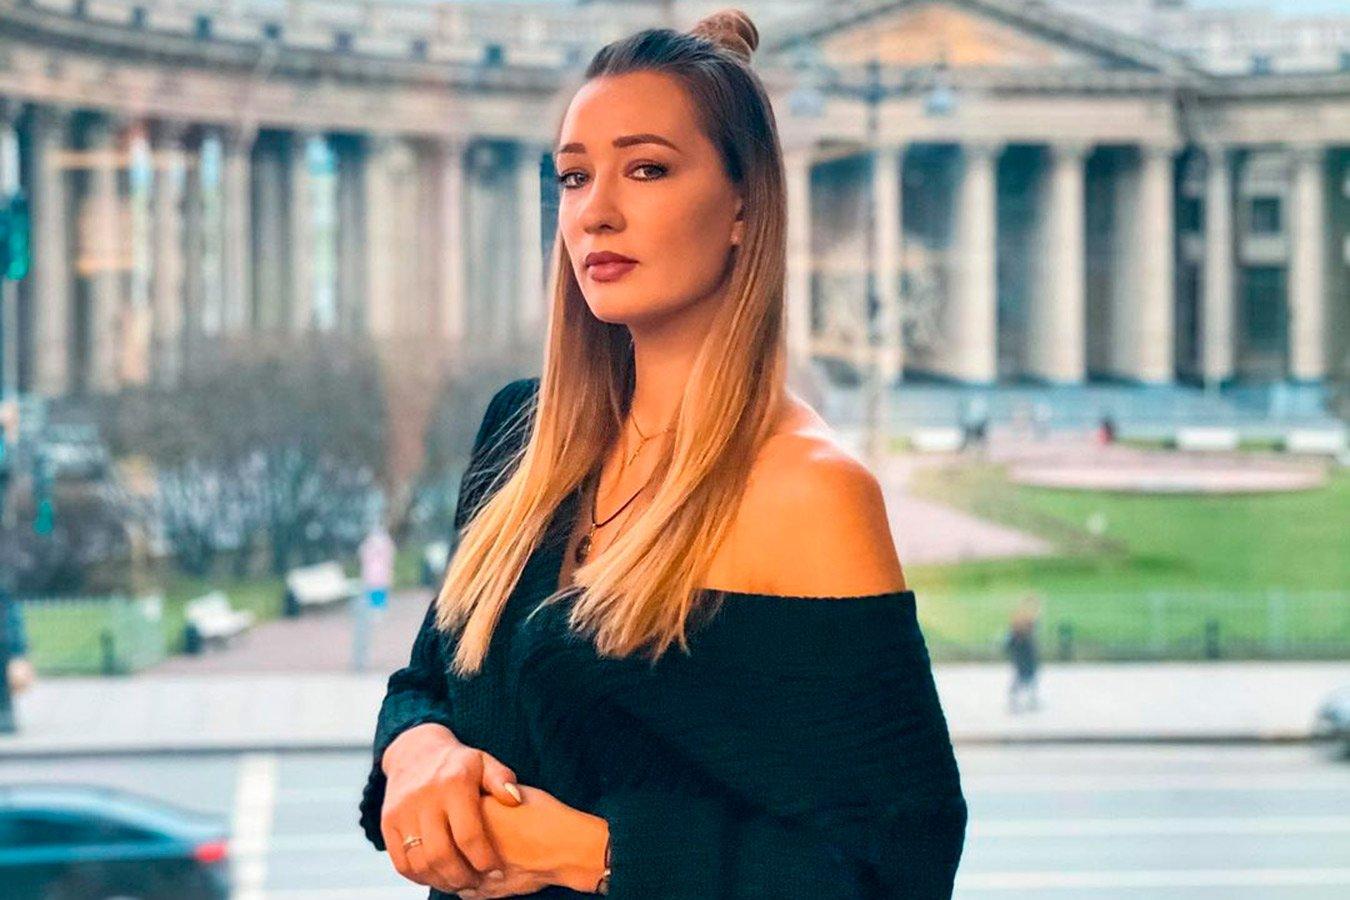 Российское консульство подтвердило задержание теннисистки Яны Сизиковой в Париже